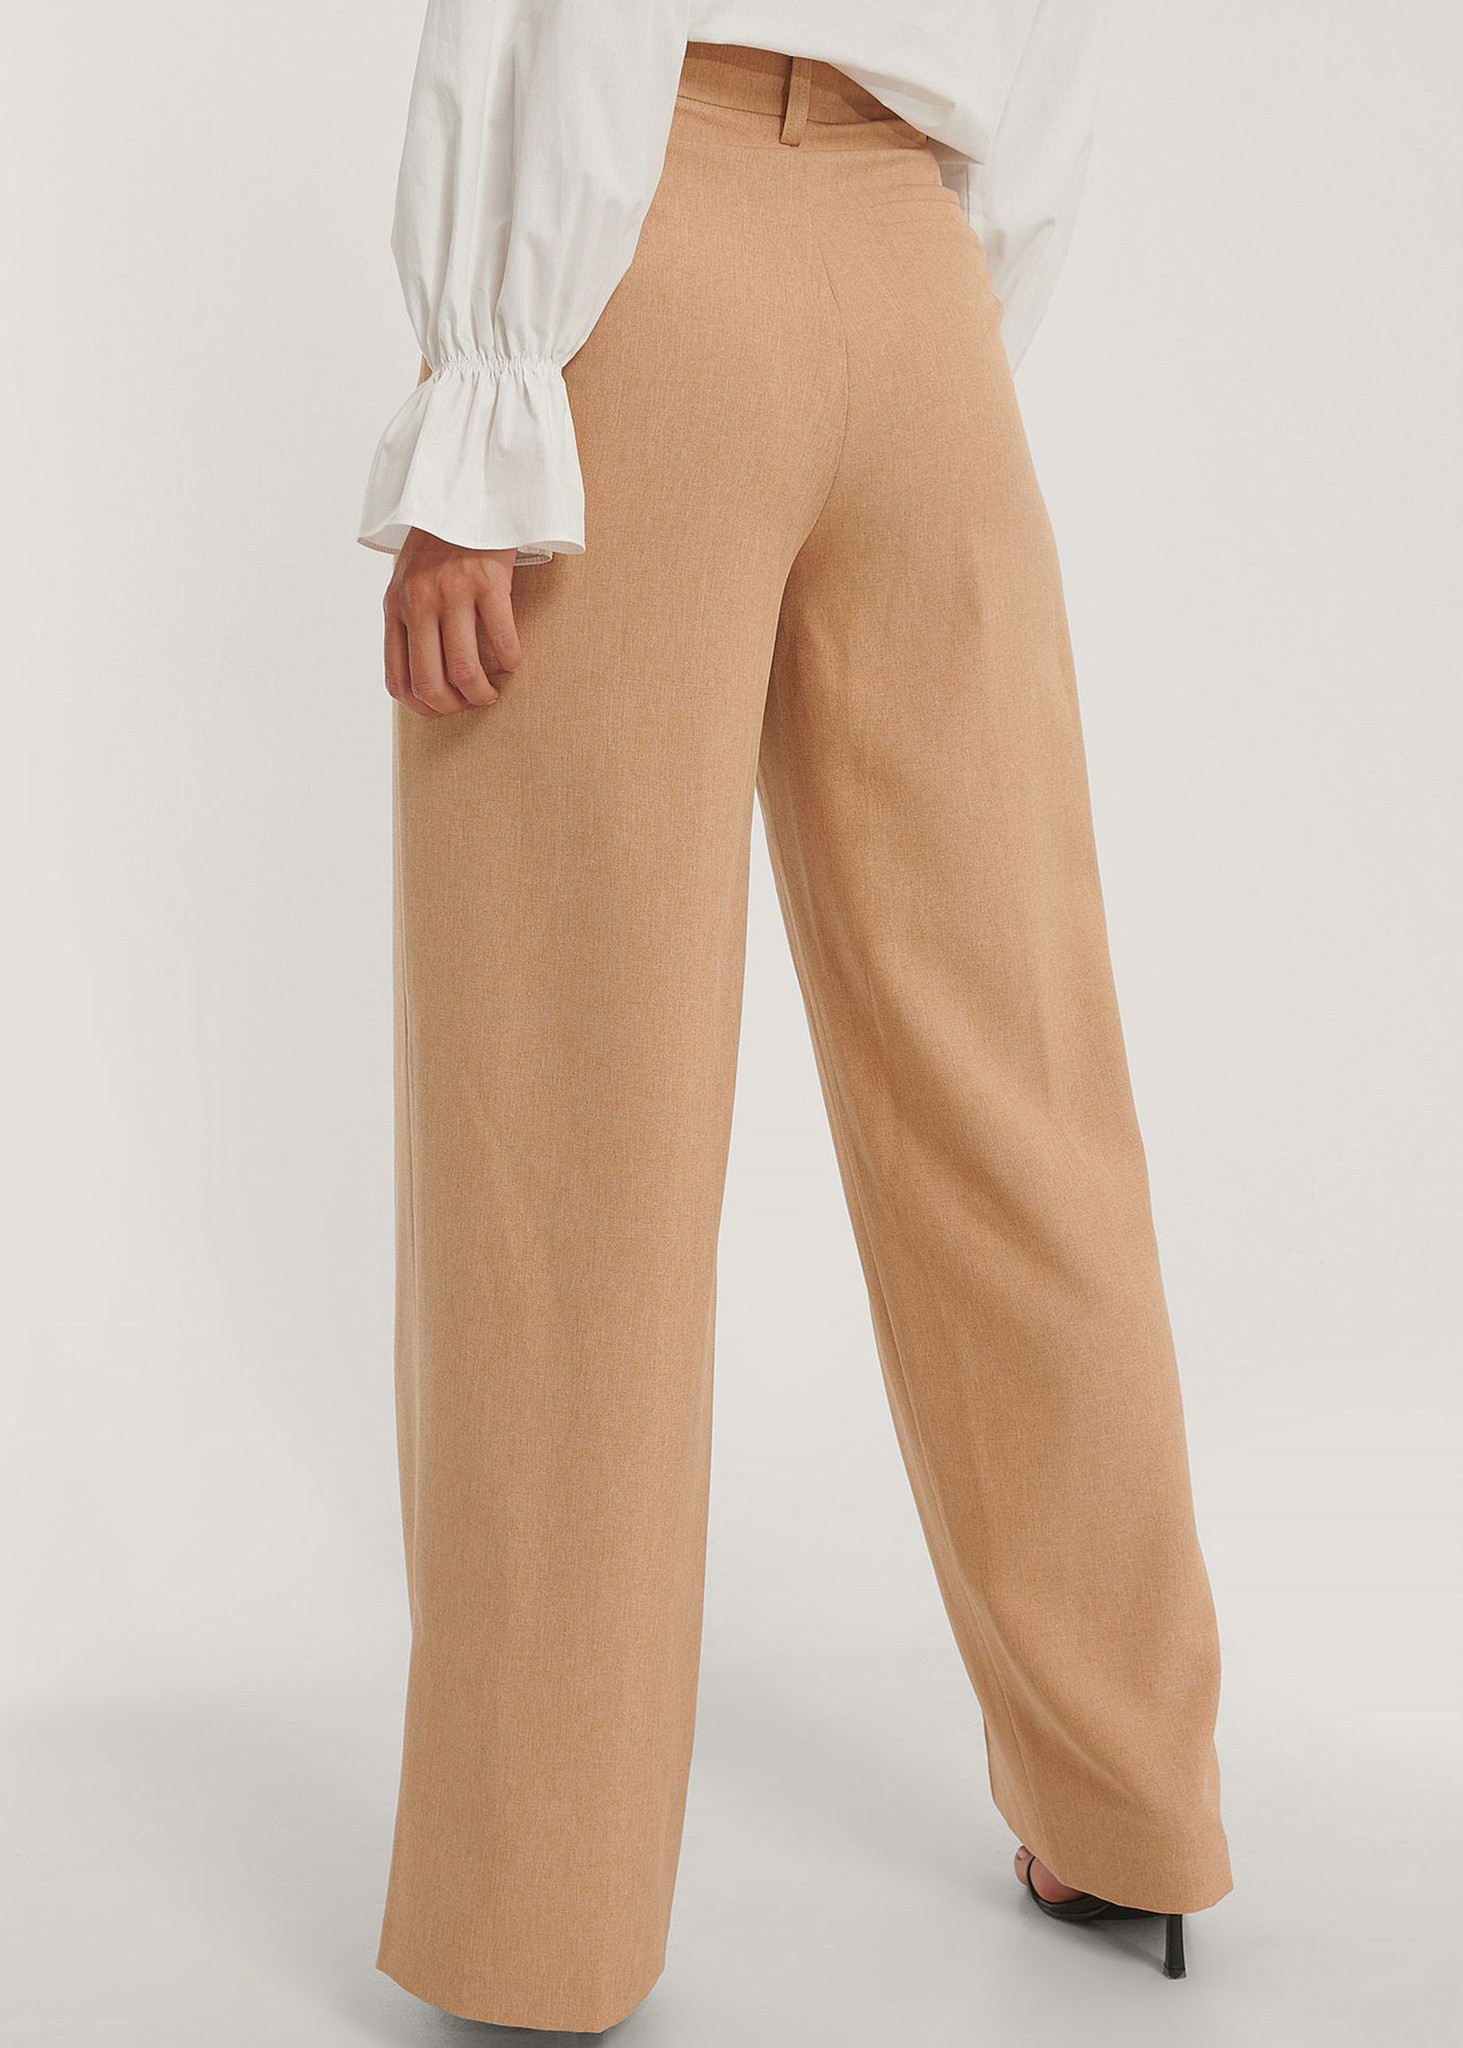 Wide Suit Pants-2